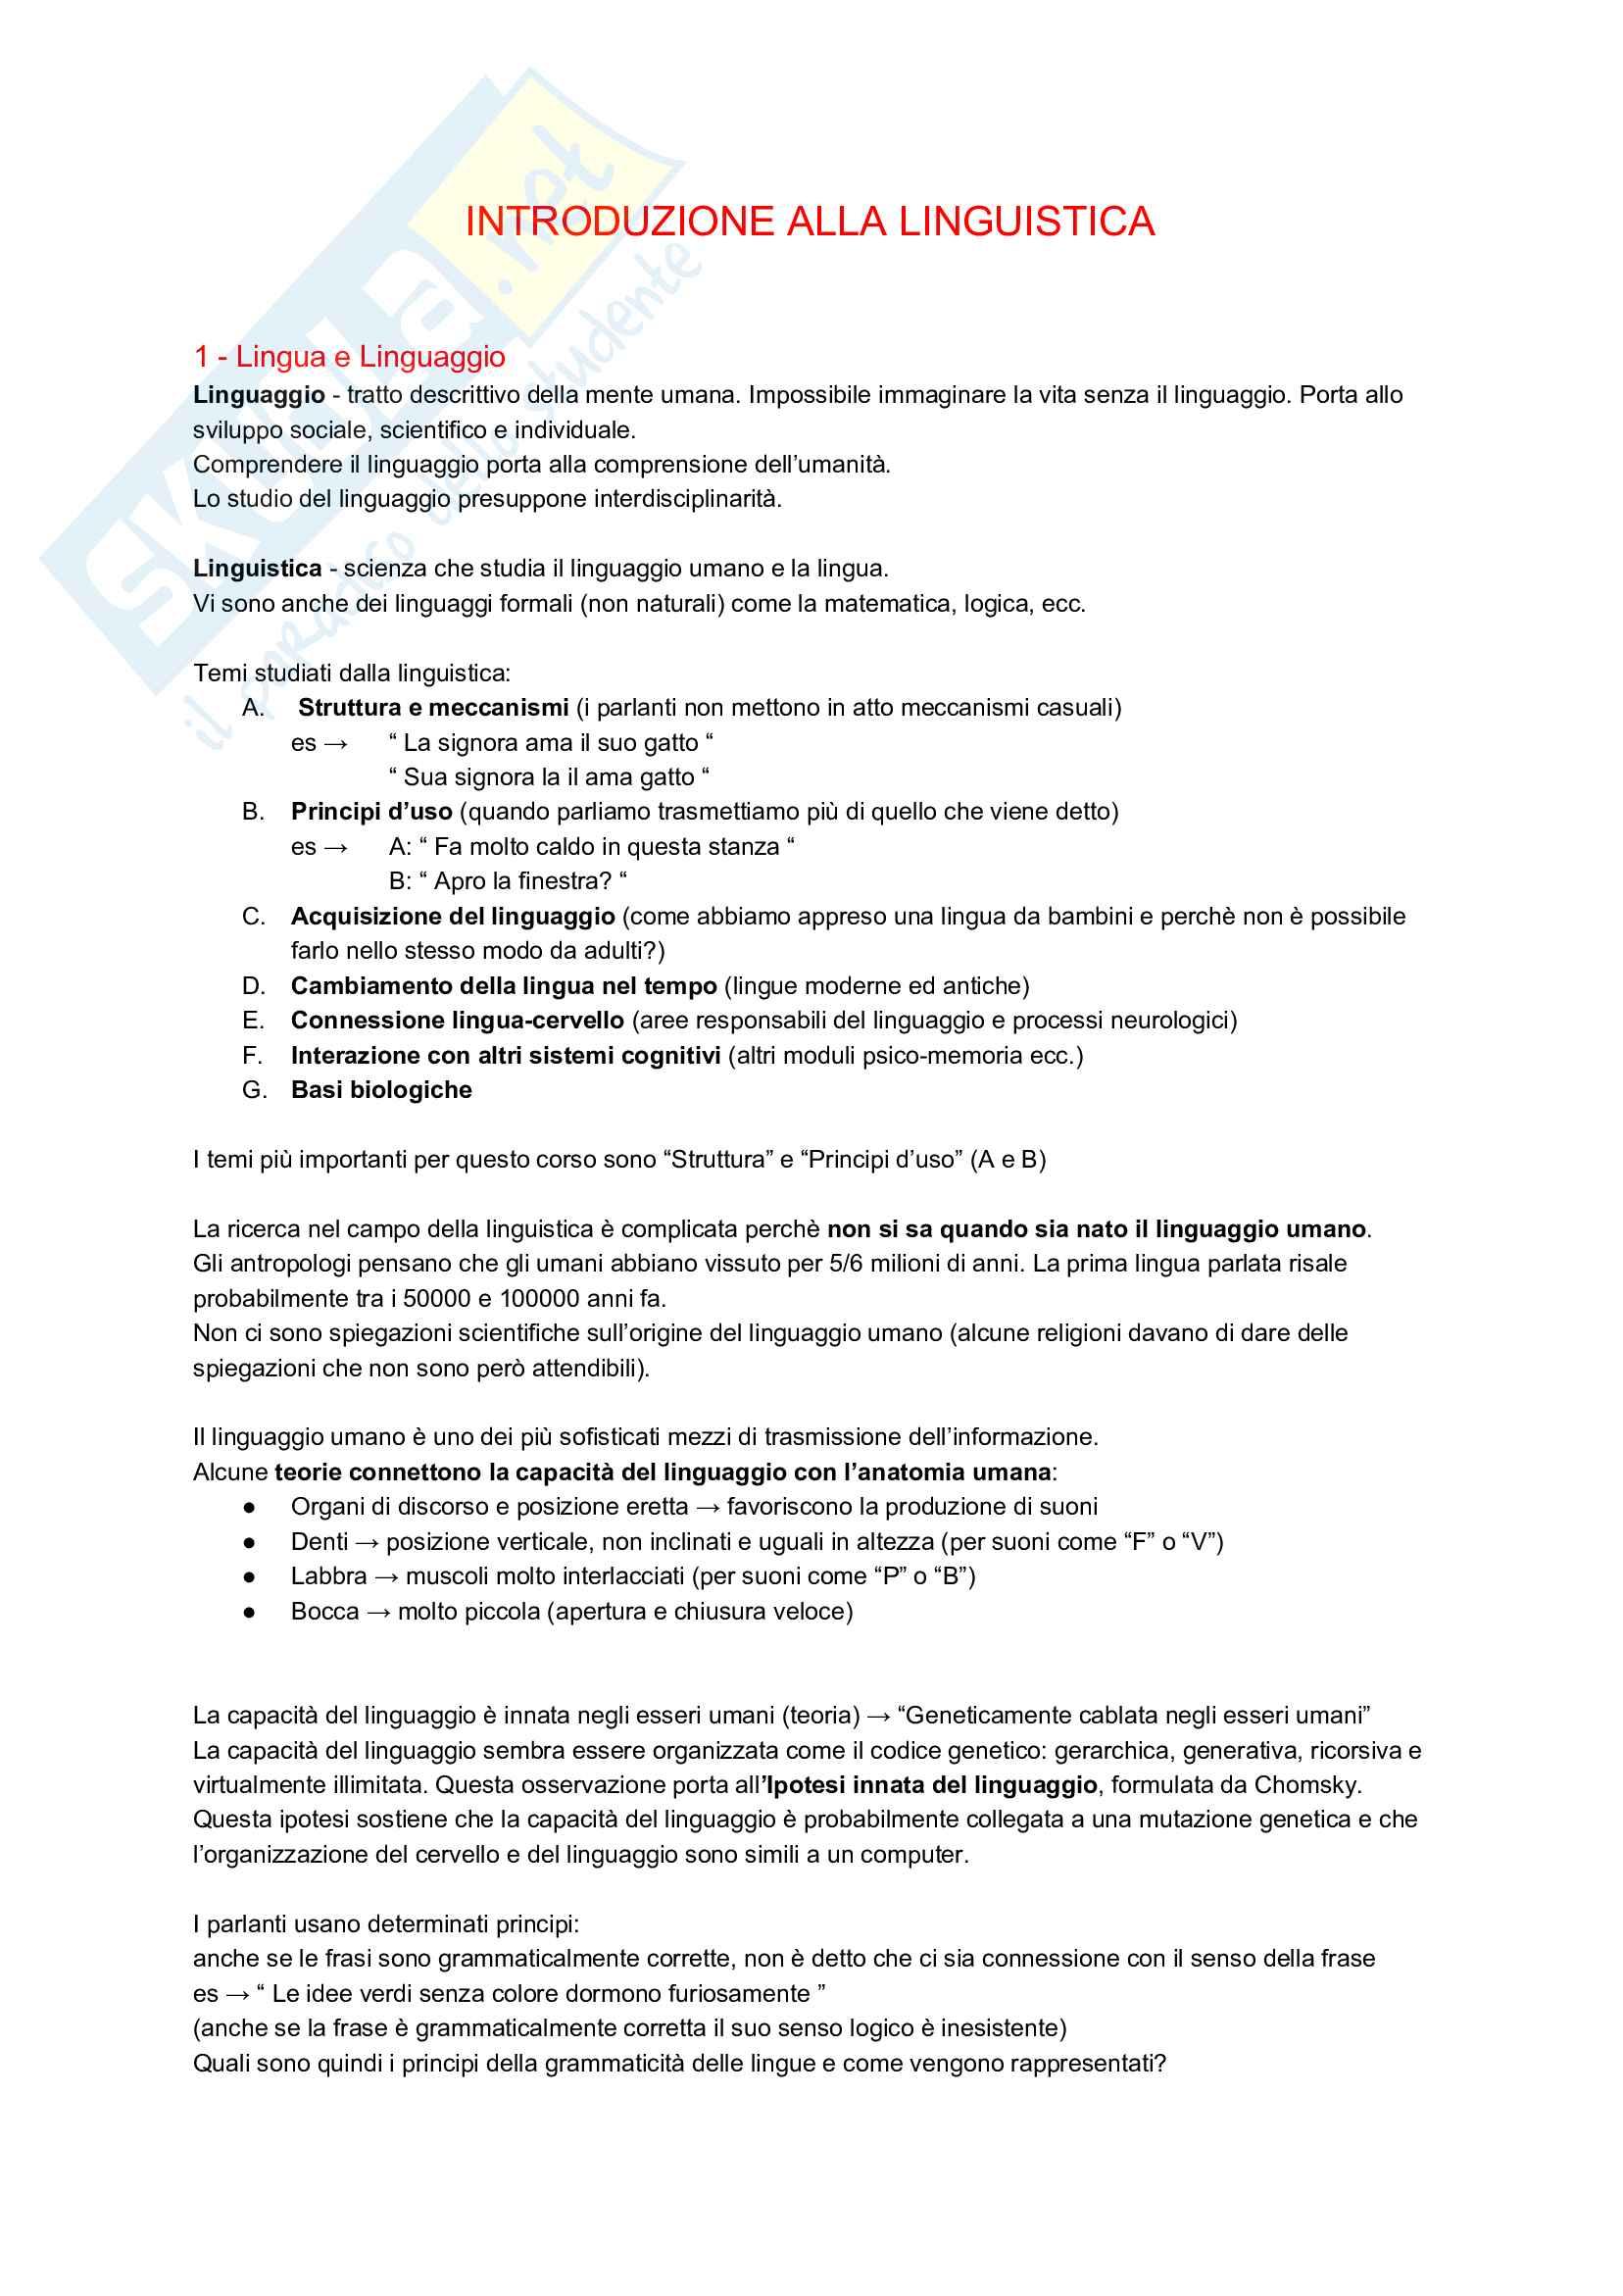 Appunti Riassuntivi - Introduzione alla Linguistica